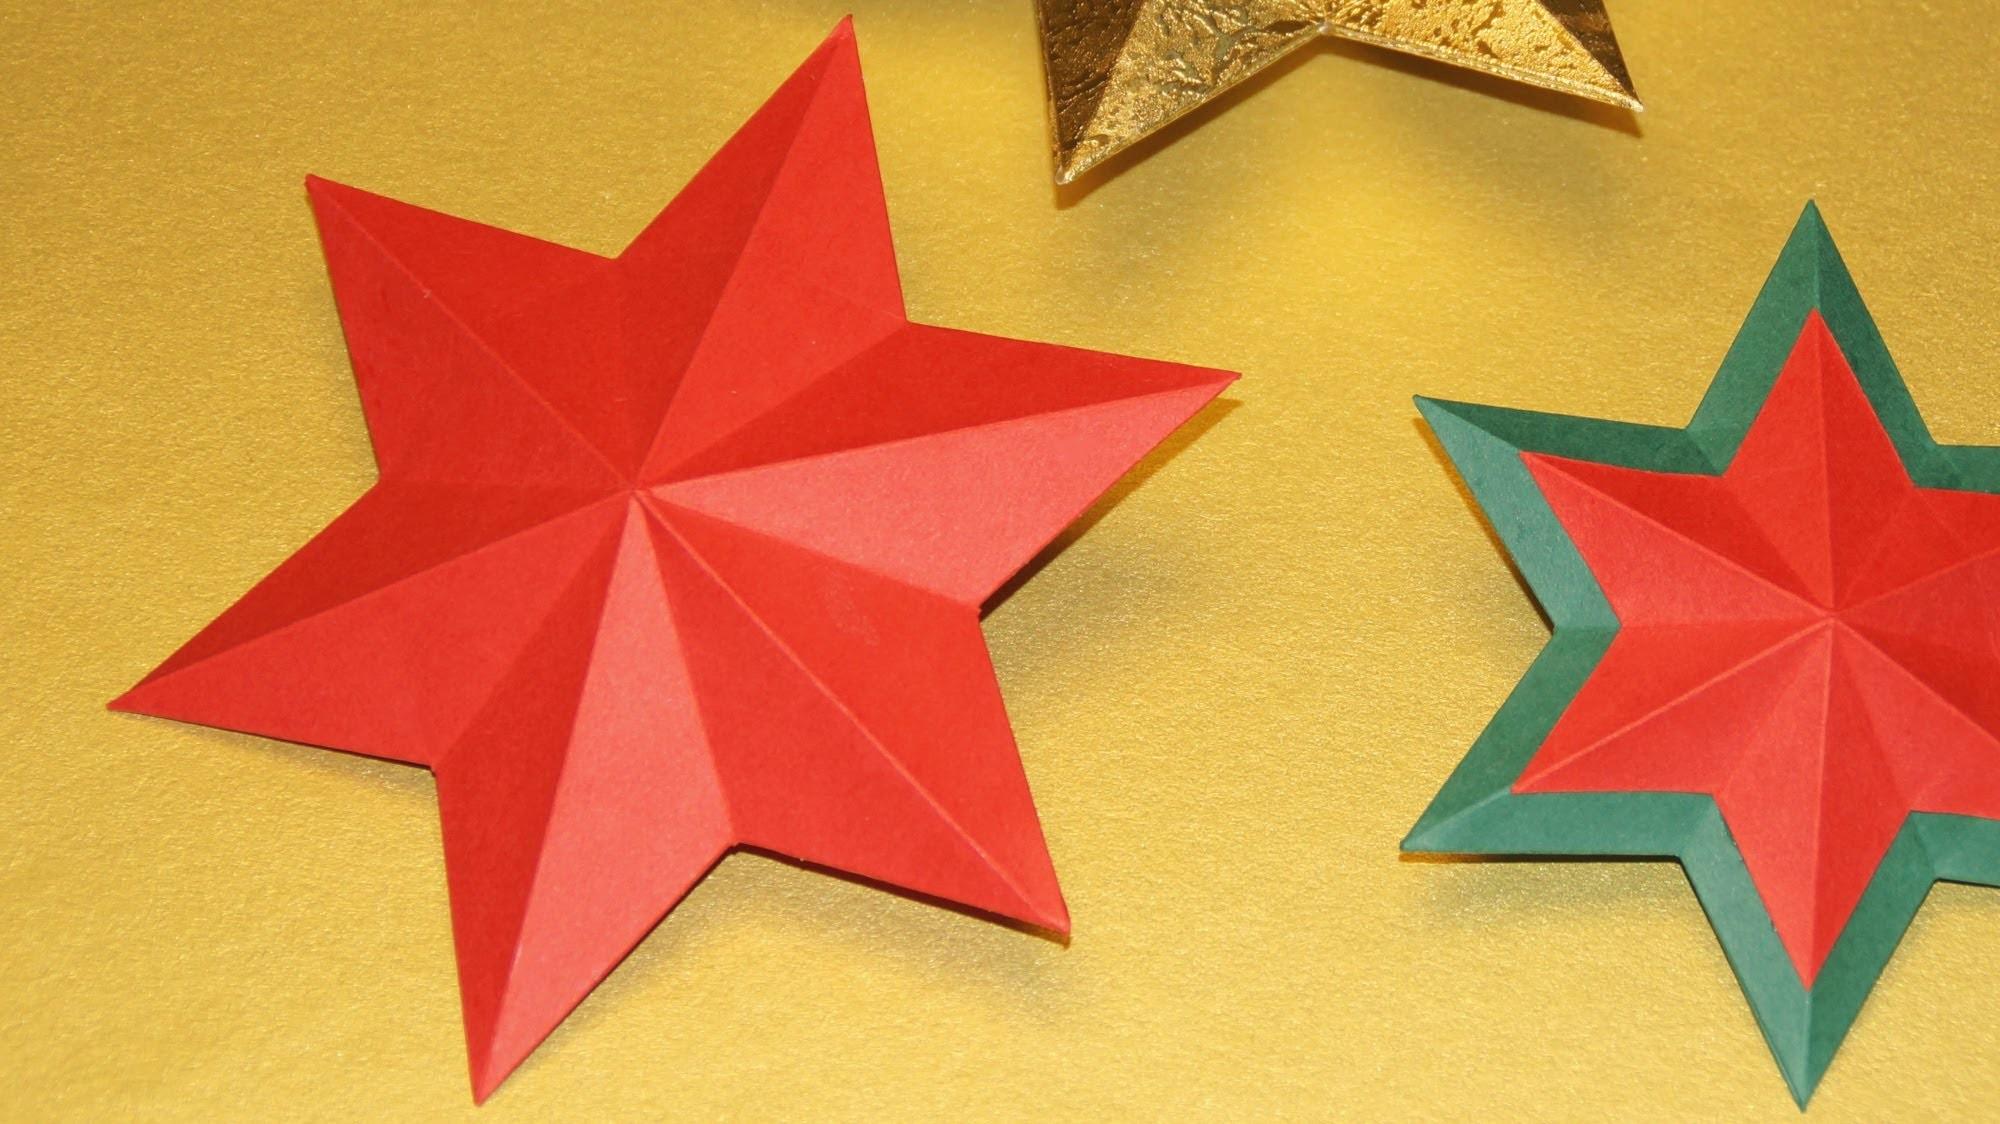 Sterne basteln zu Weihnachten.  3 D Stern falten.  How to fold a six pointed star